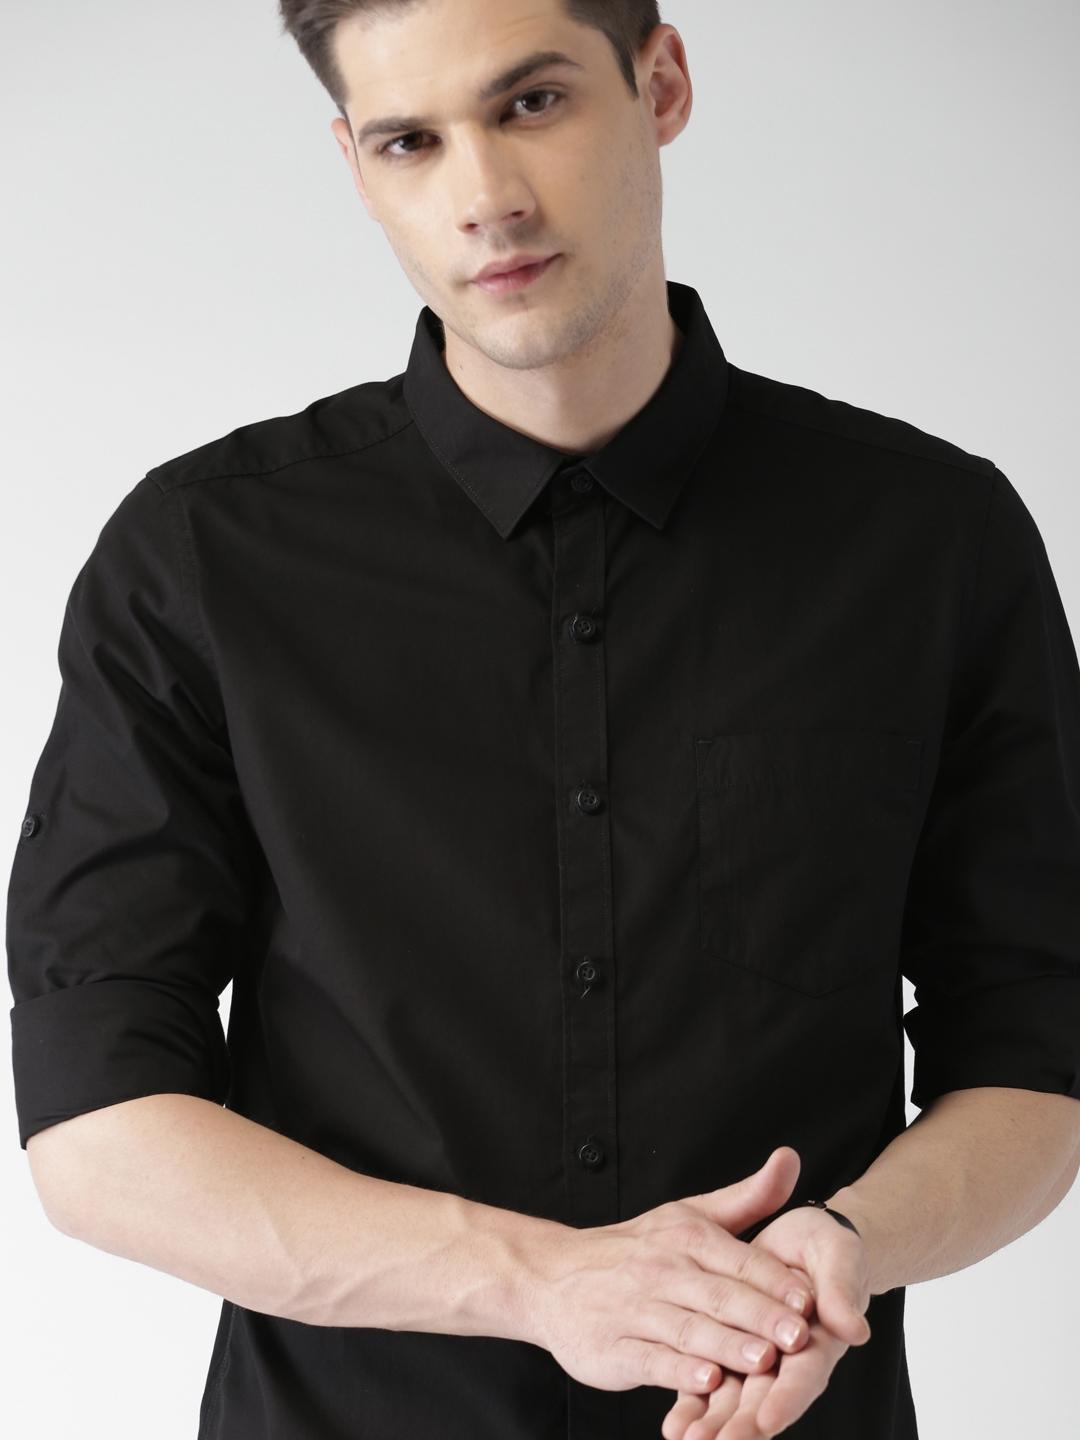 Highlander Black Solid Slim Fit Casual Shirt